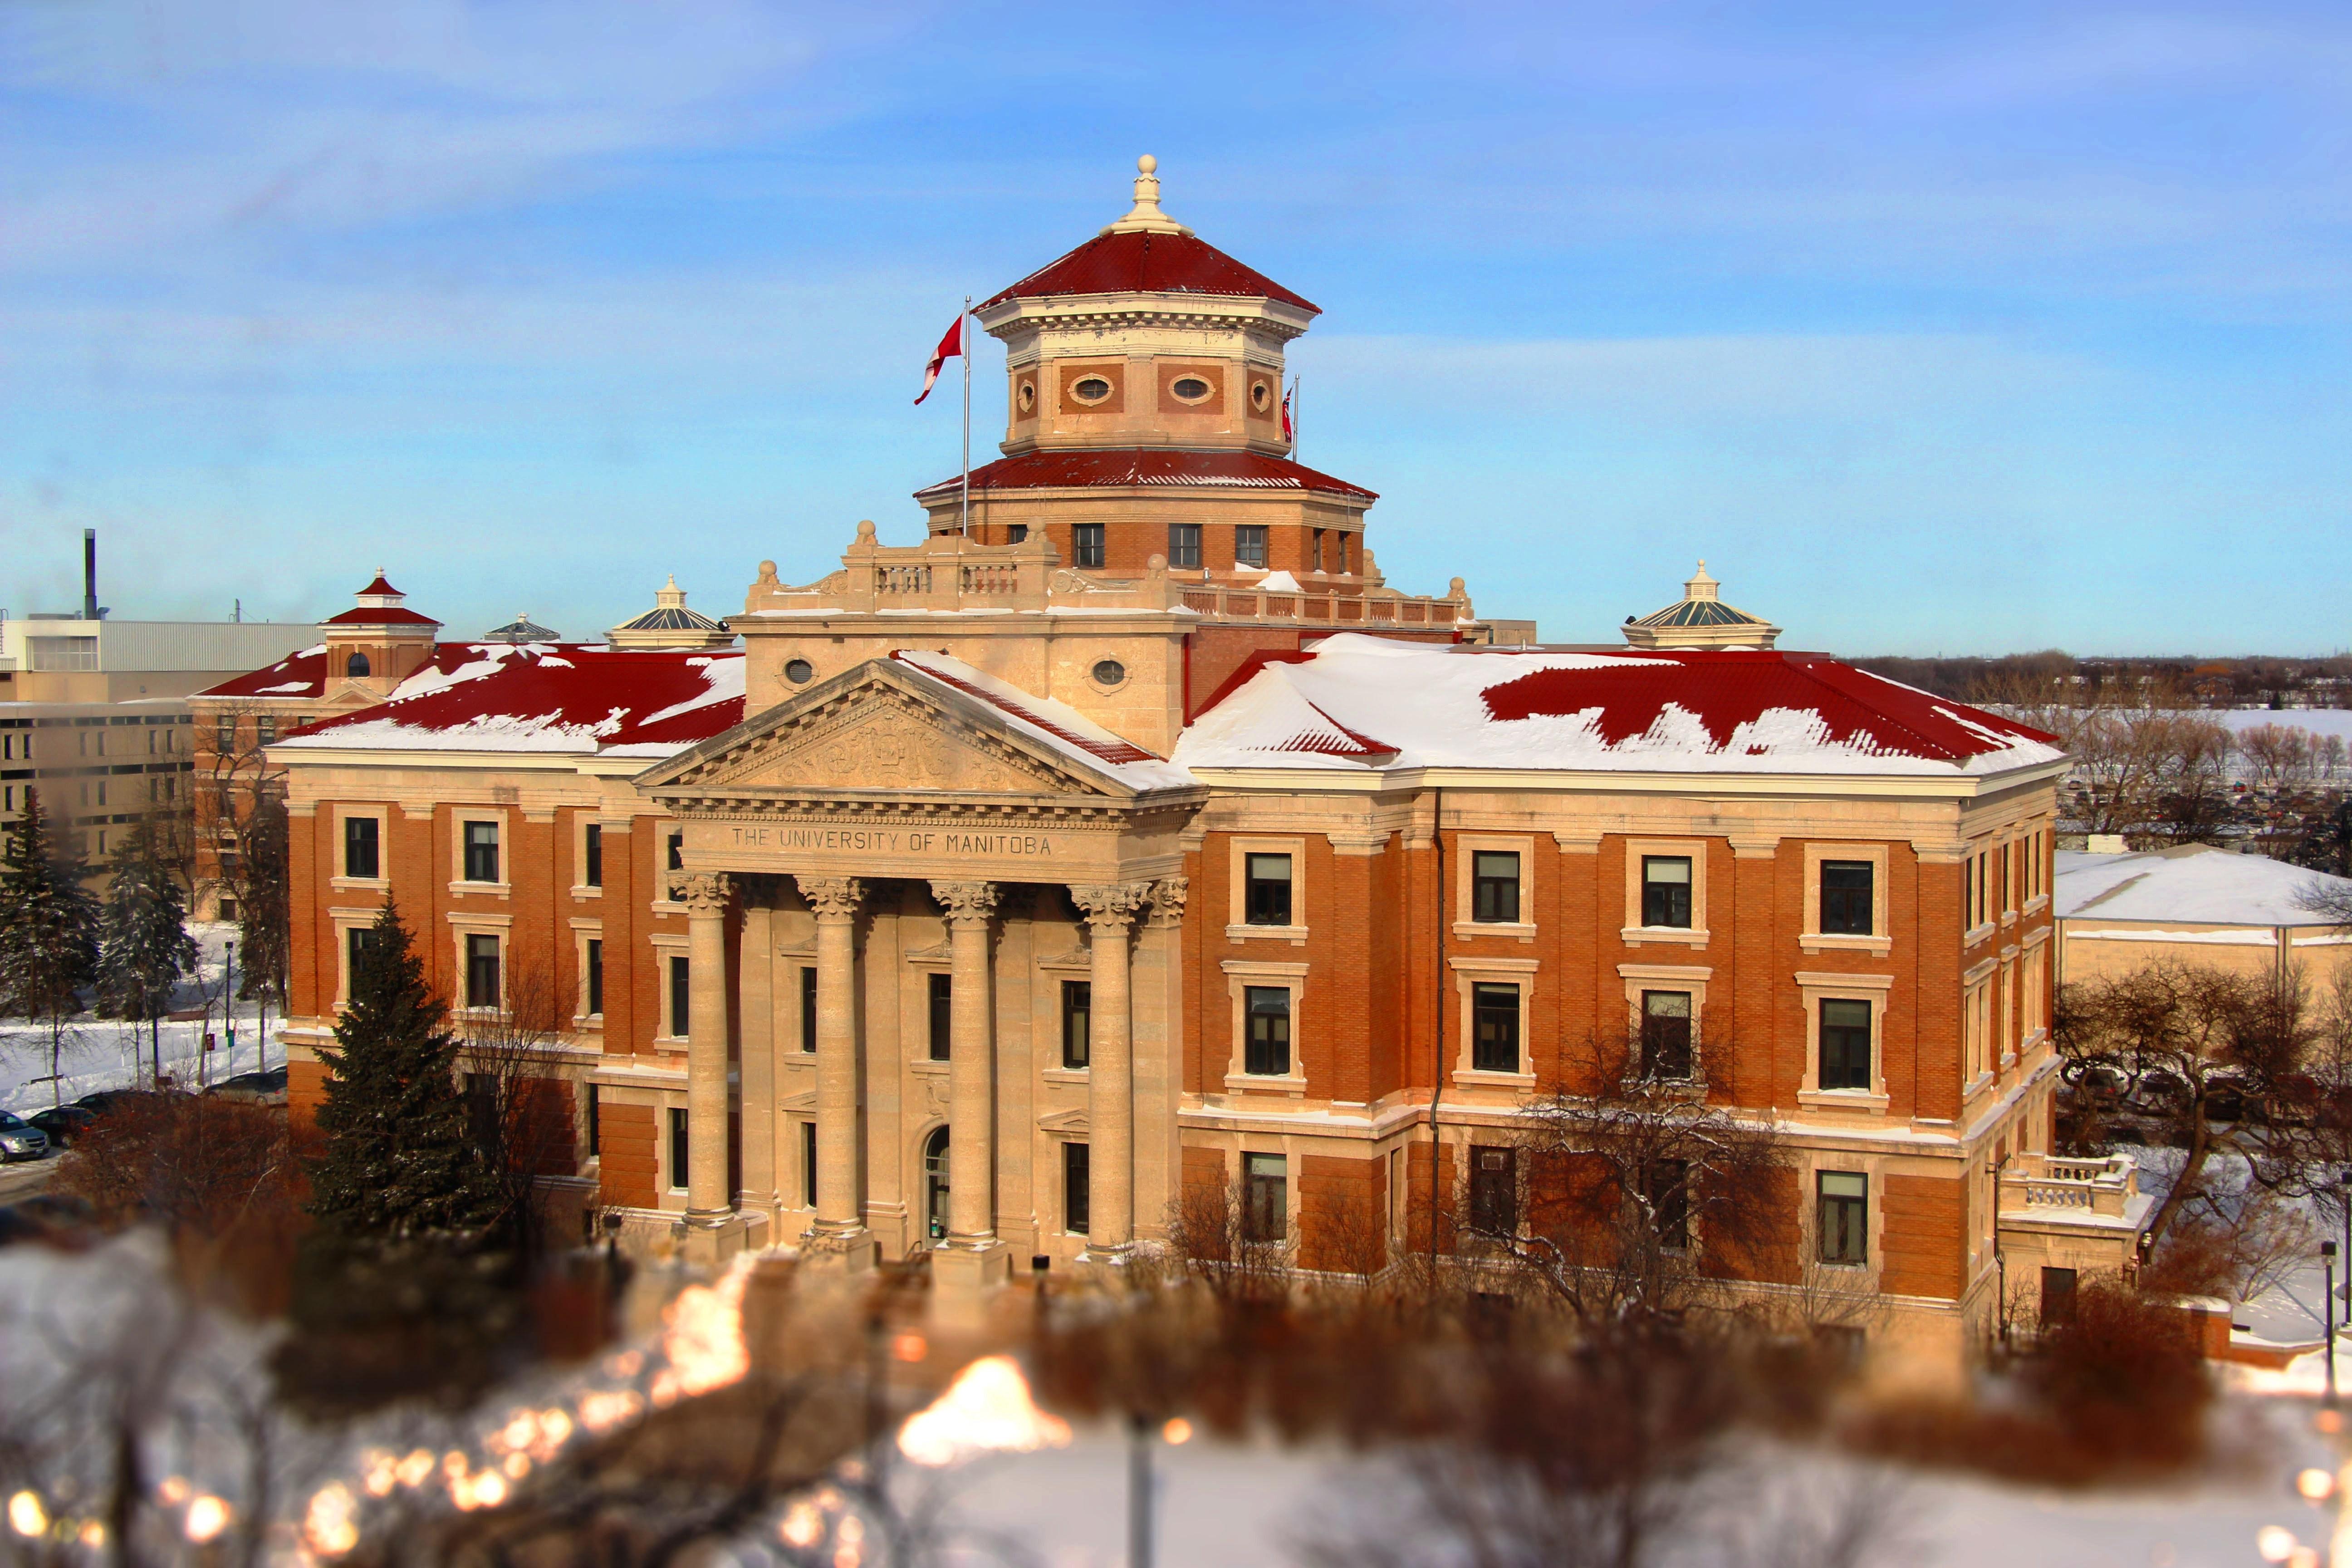 University of Manitoba Administration Building Hội thảo Canada: Học bổng thực tập hưởng lương định cư